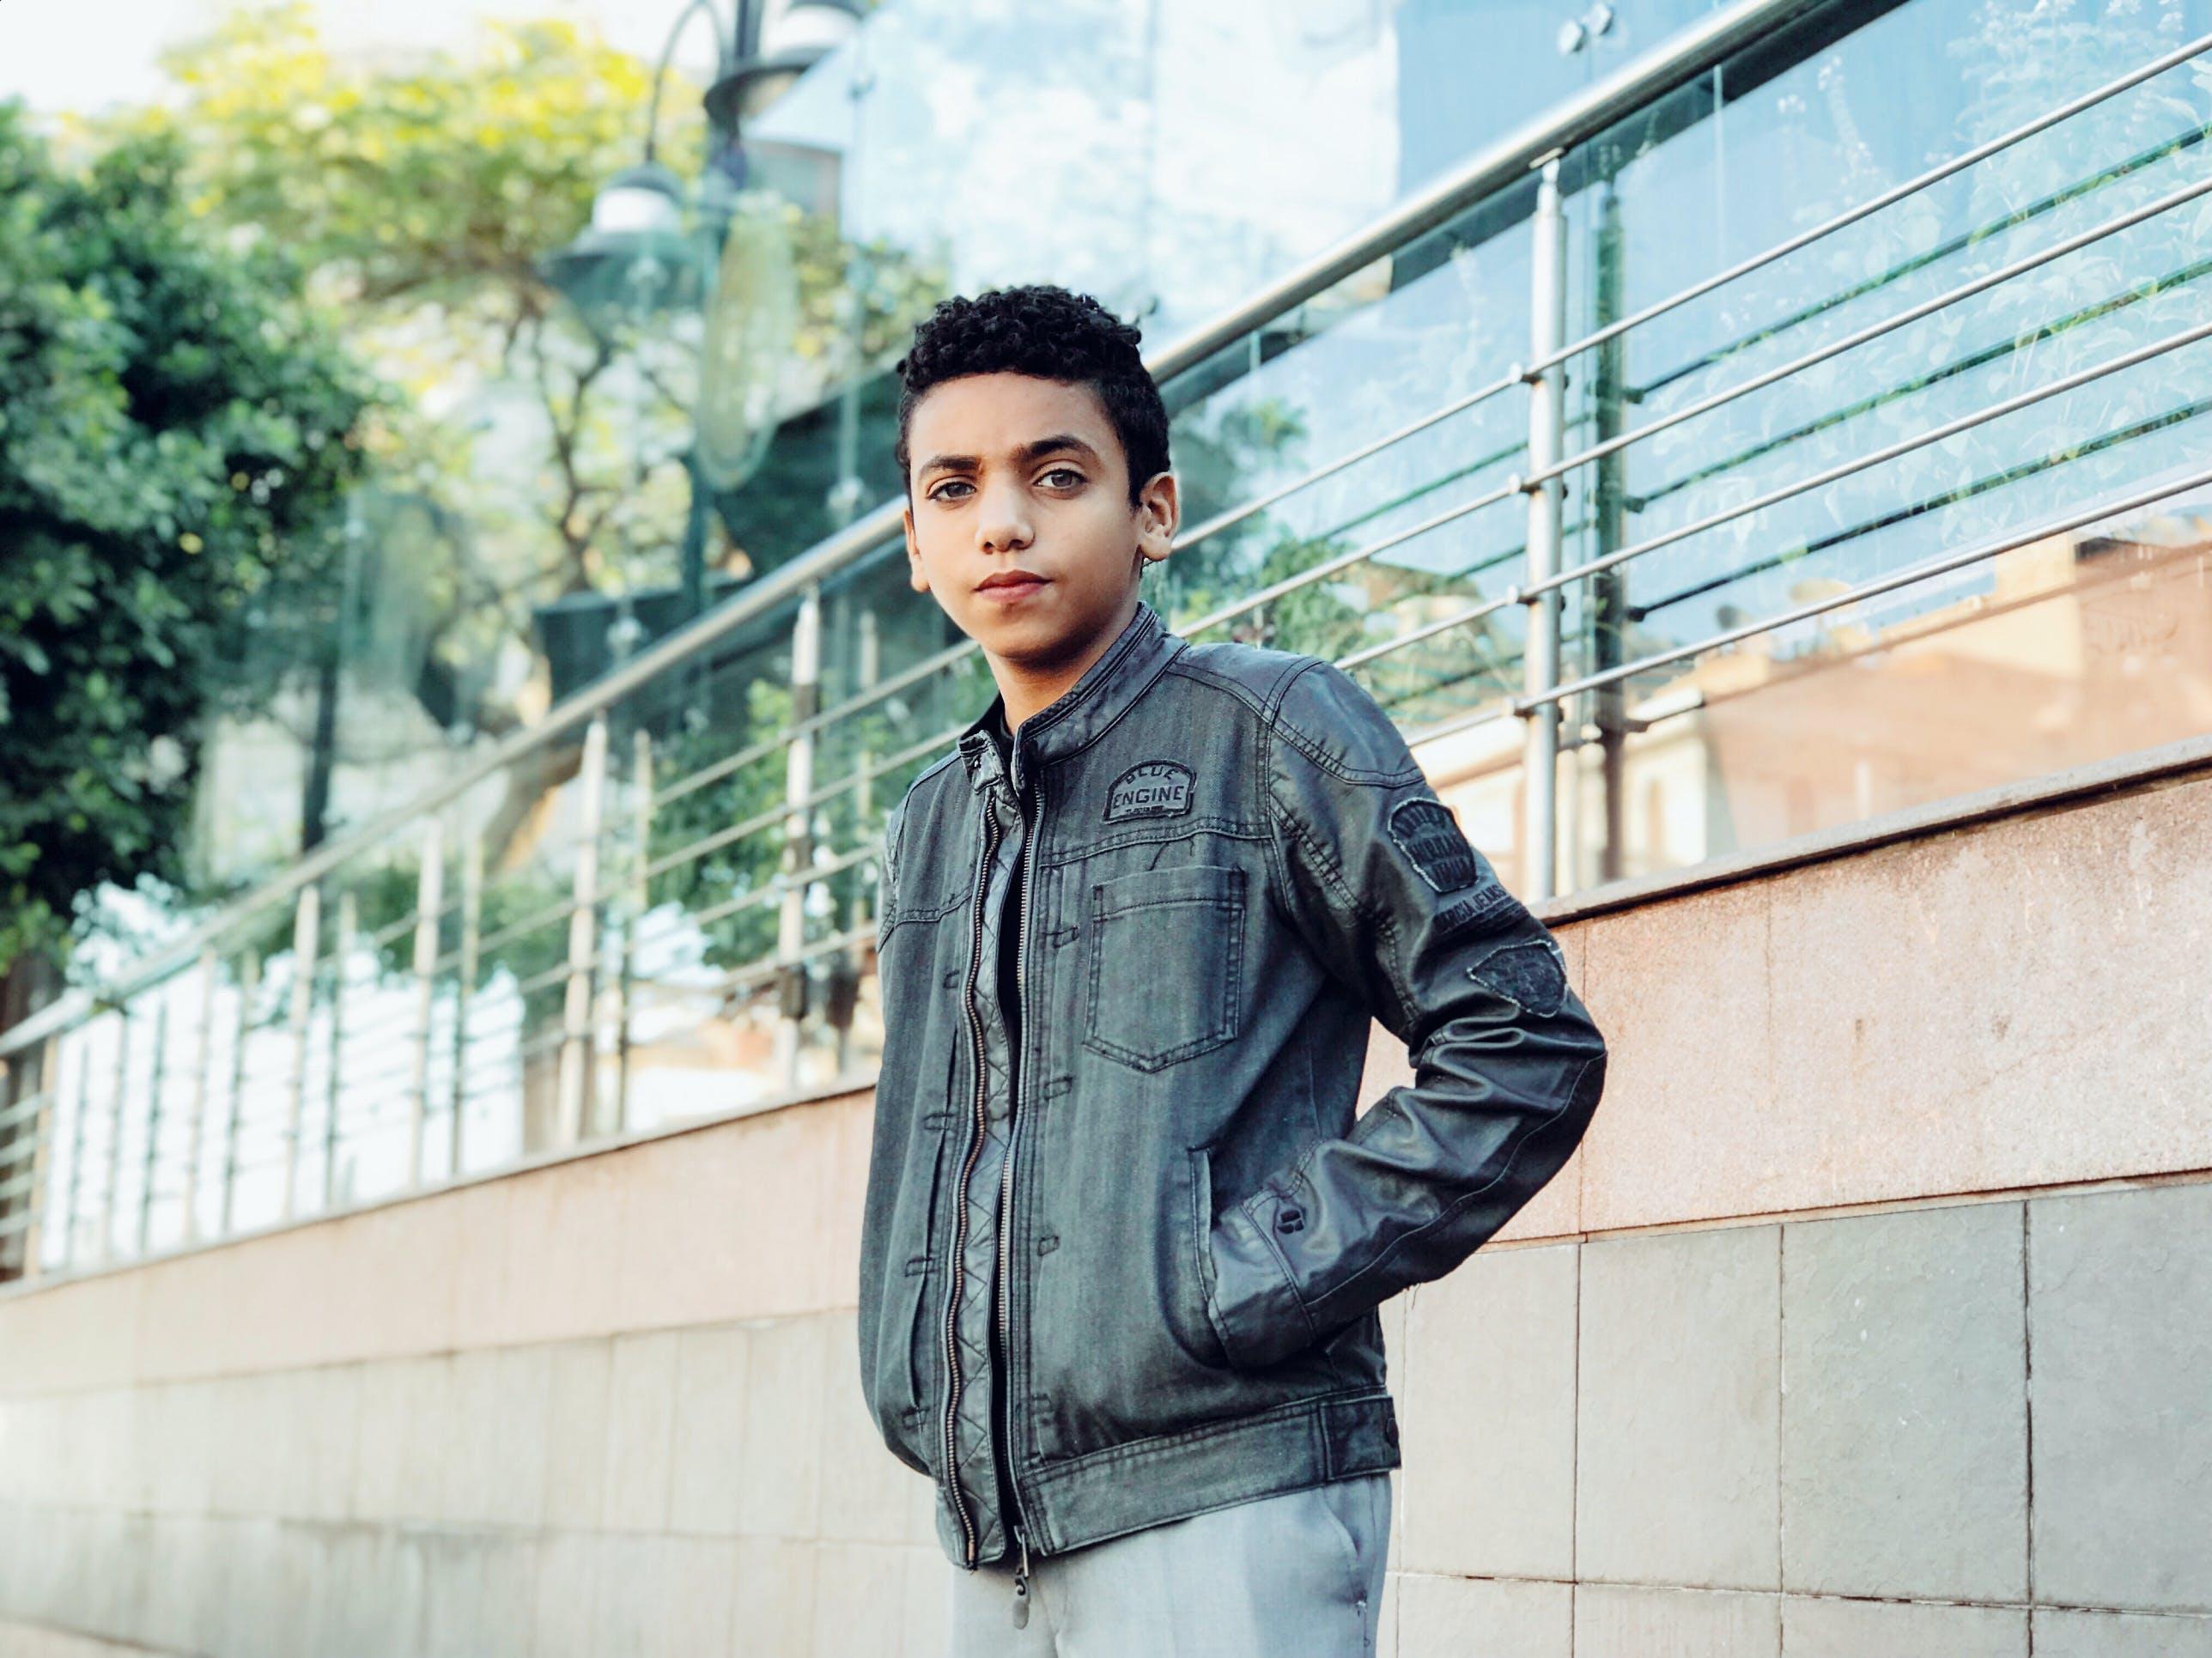 Photo of Boy Wearing Jacket